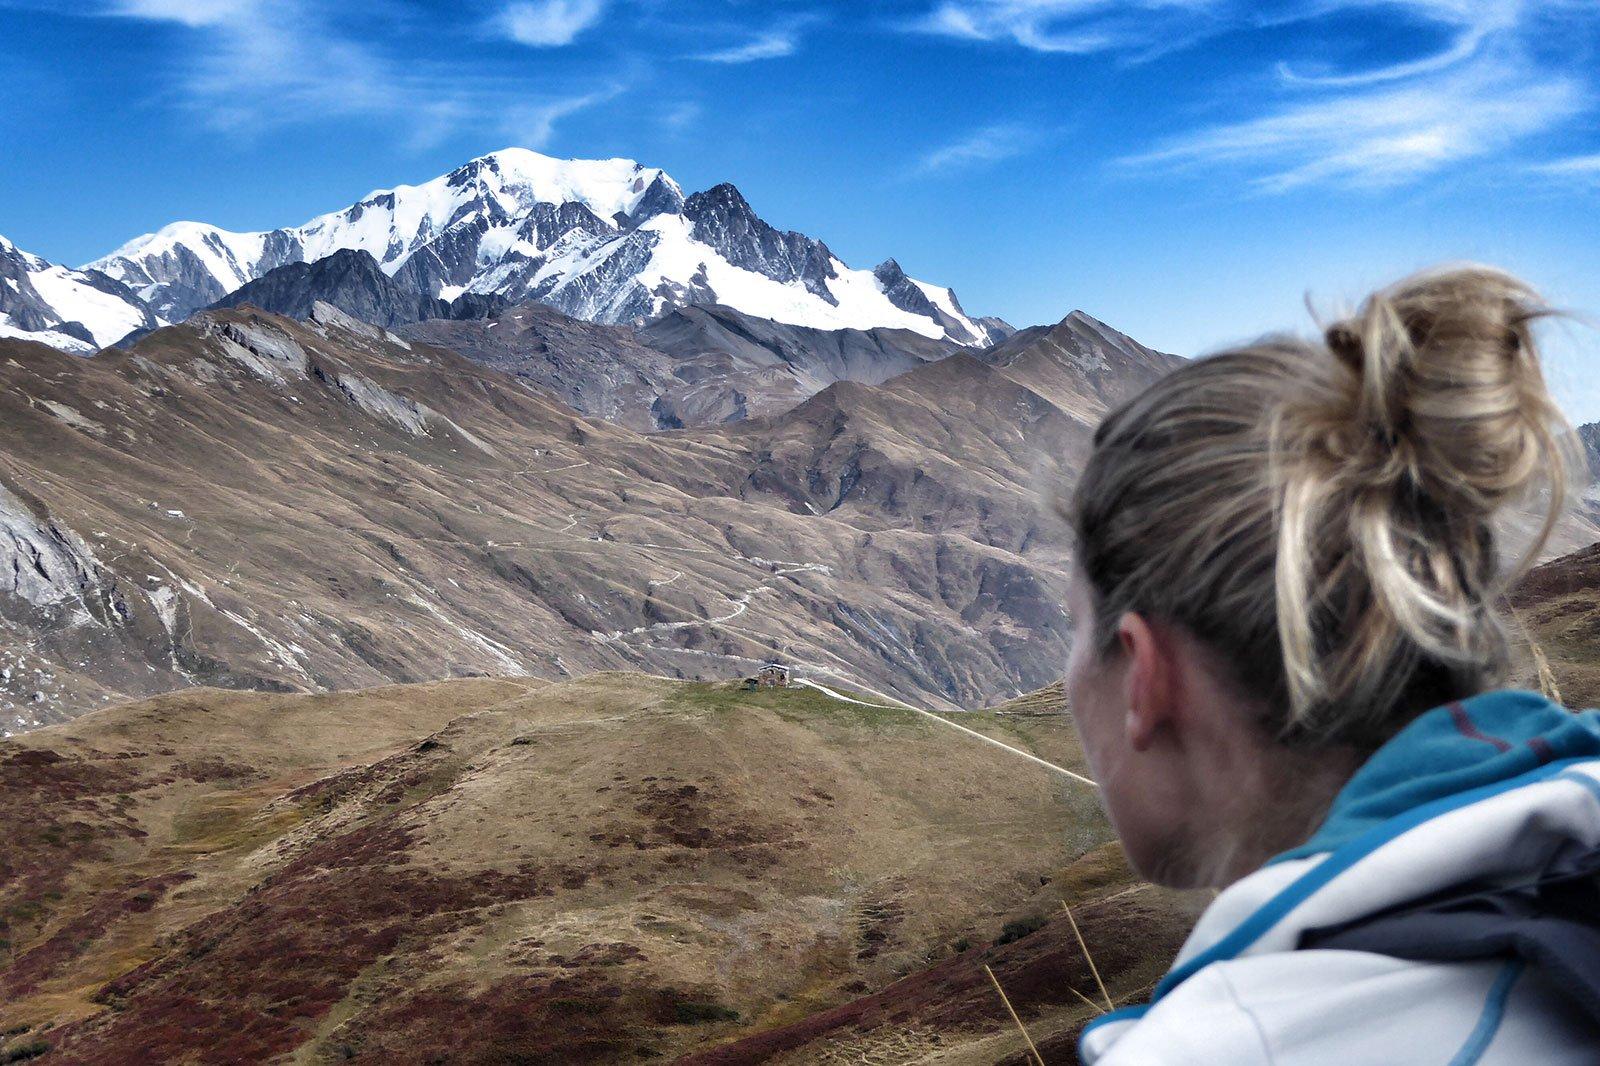 Views of Mt Blanc